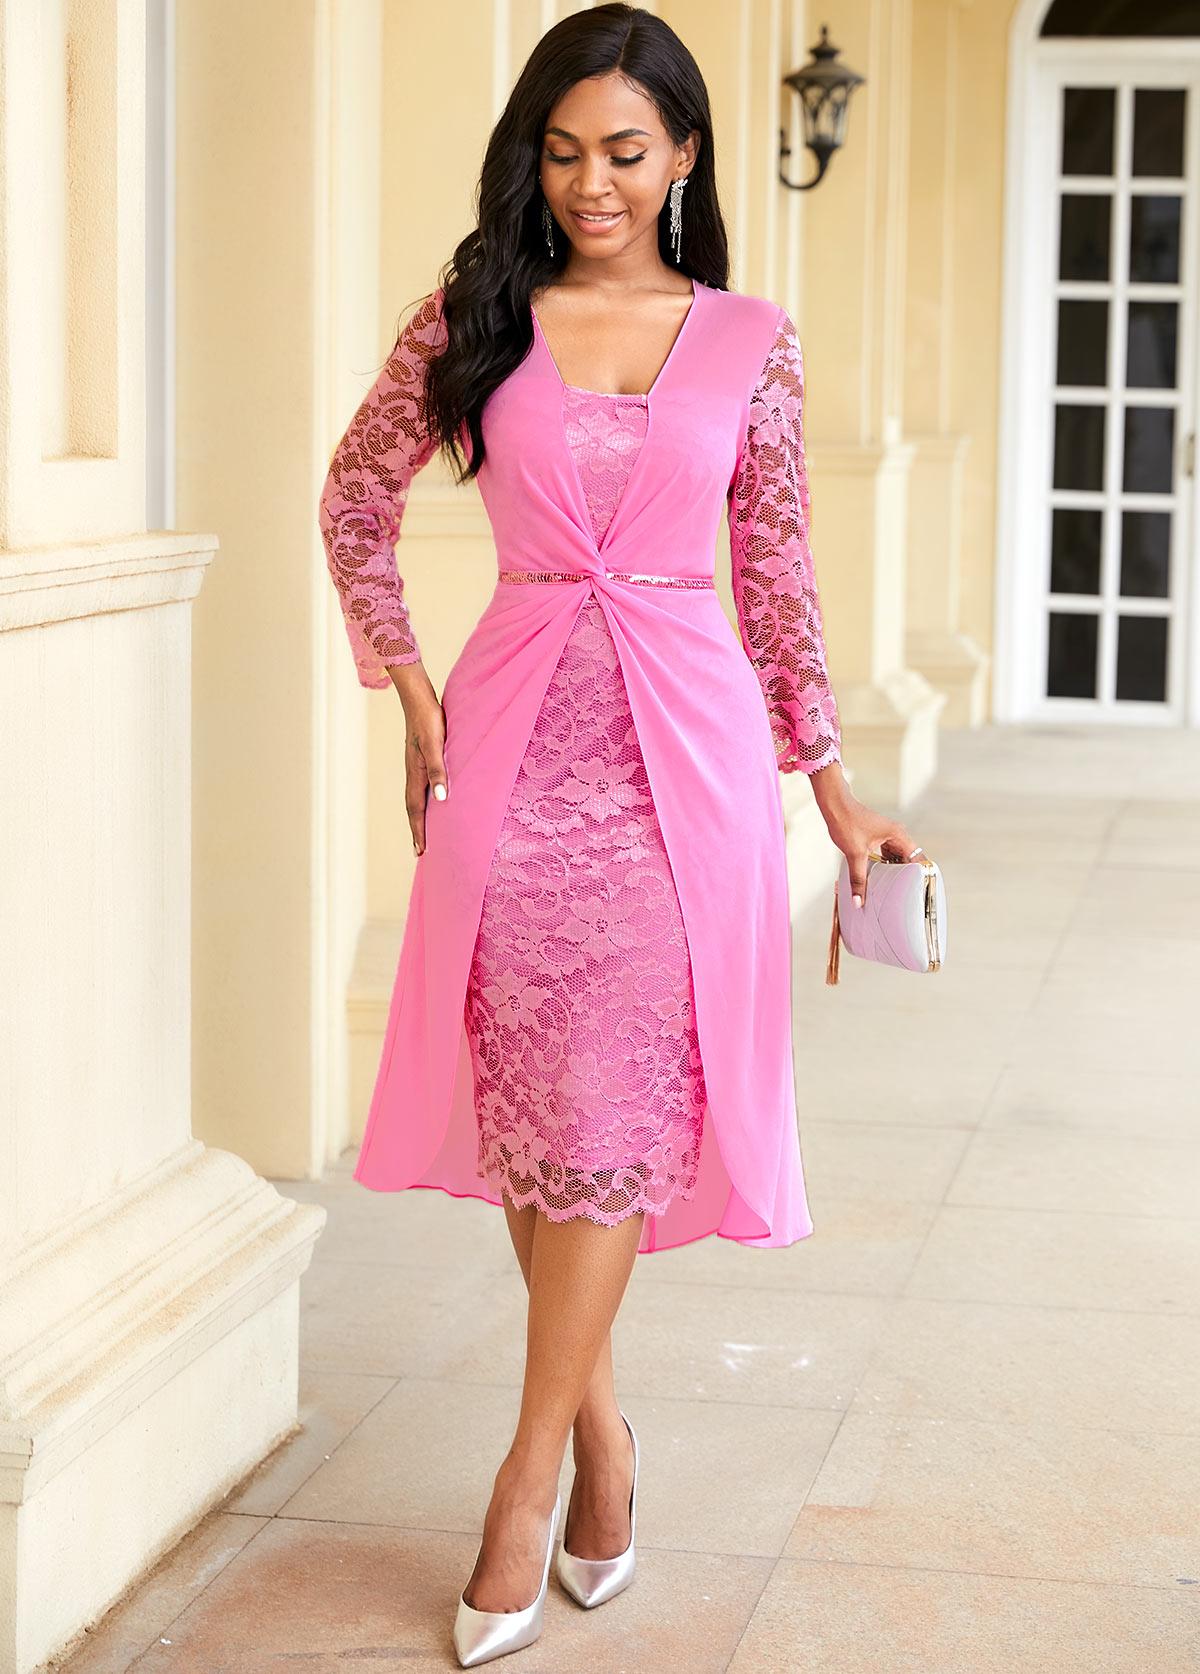 ROTITA Twist Front Chiffon Overlay Lace Dress